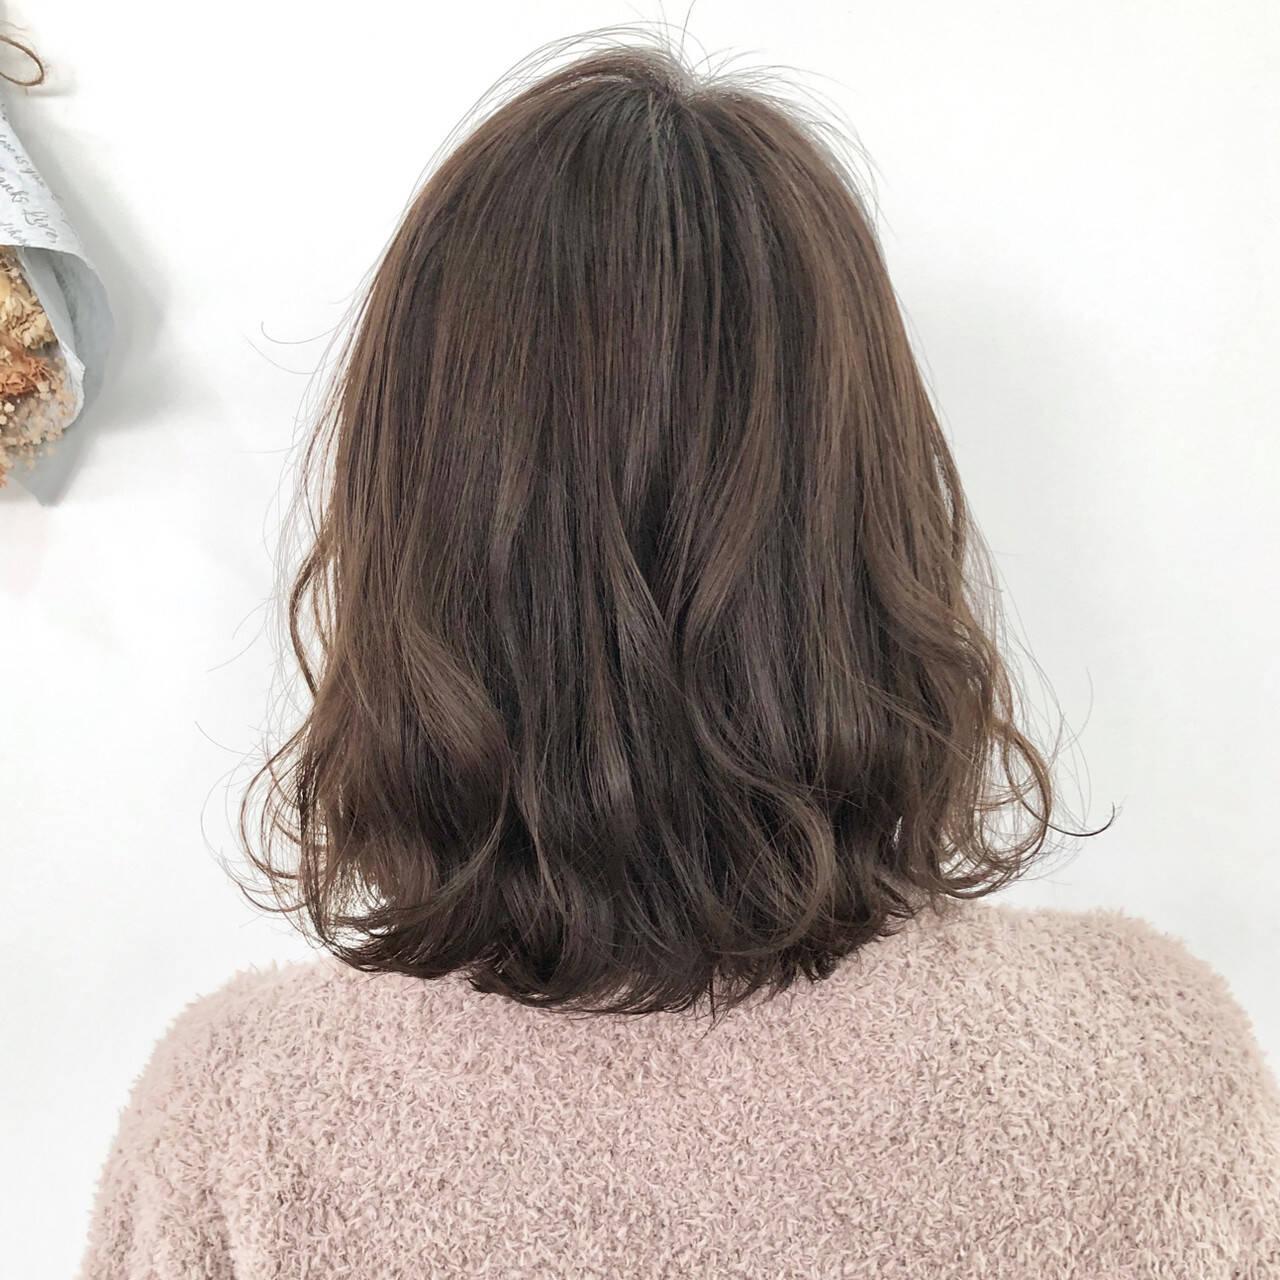 ミディアム デート アンニュイほつれヘア ヘアアレンジヘアスタイルや髪型の写真・画像